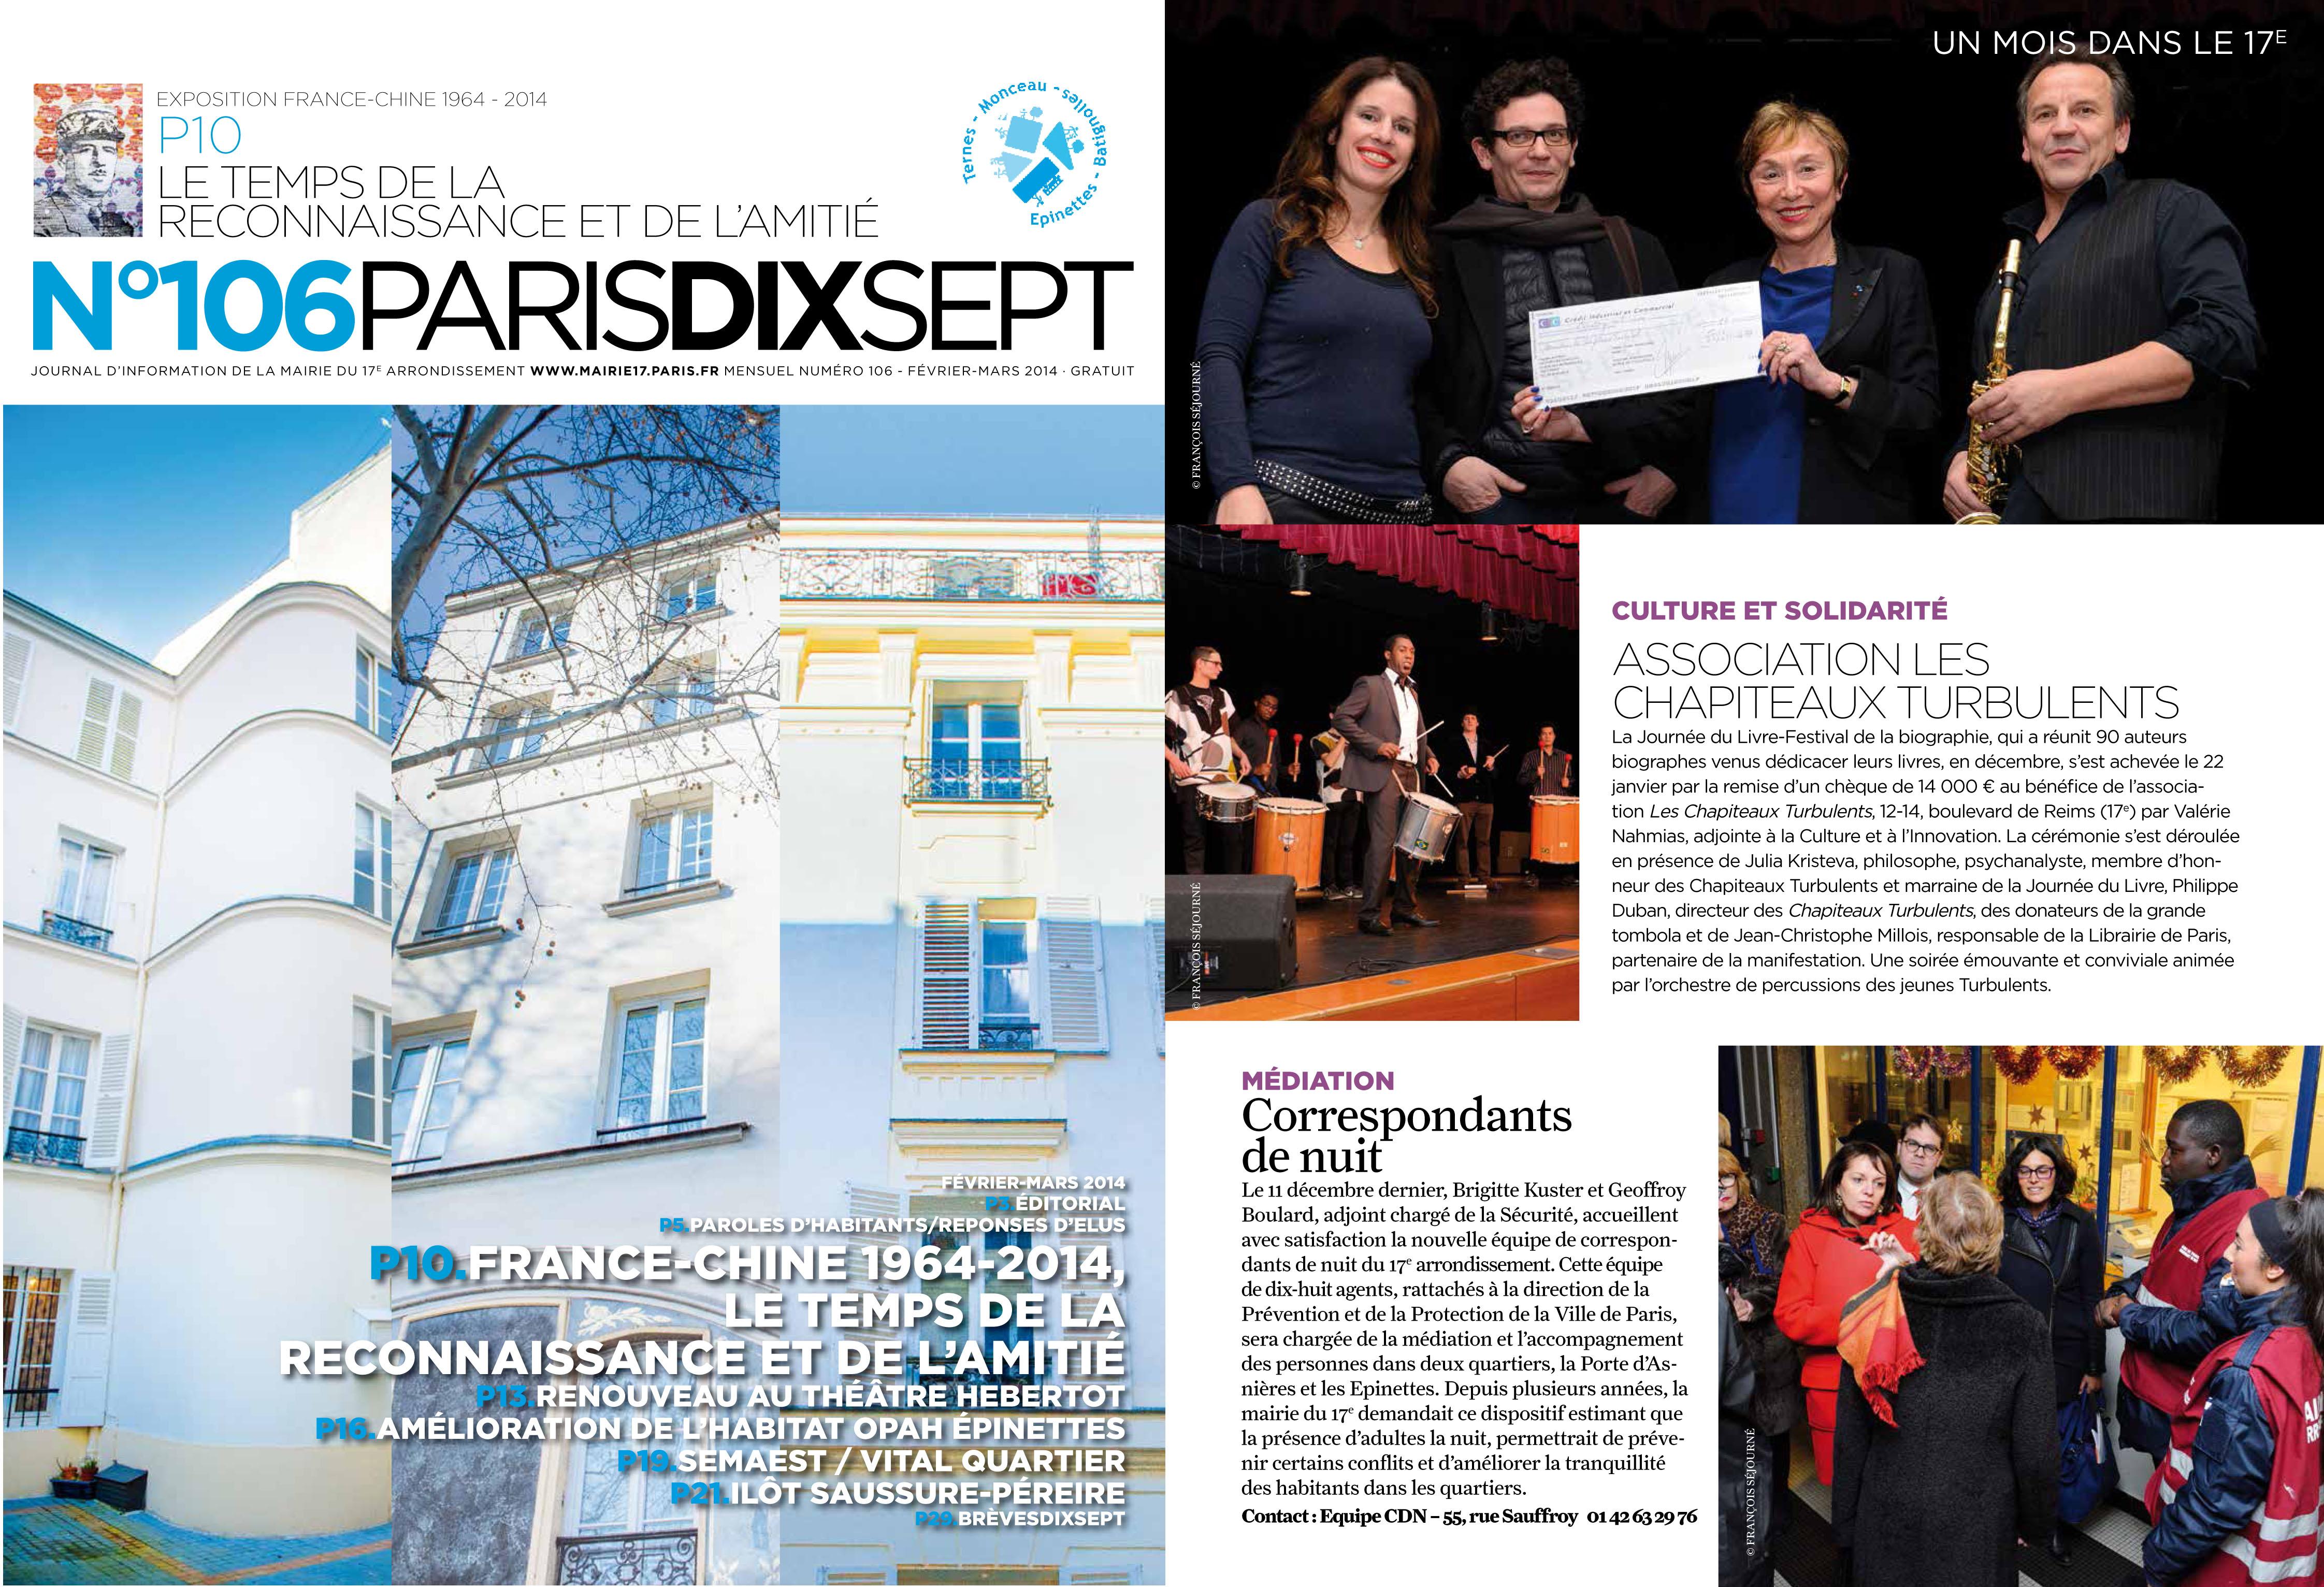 N° 106 de Paris 17